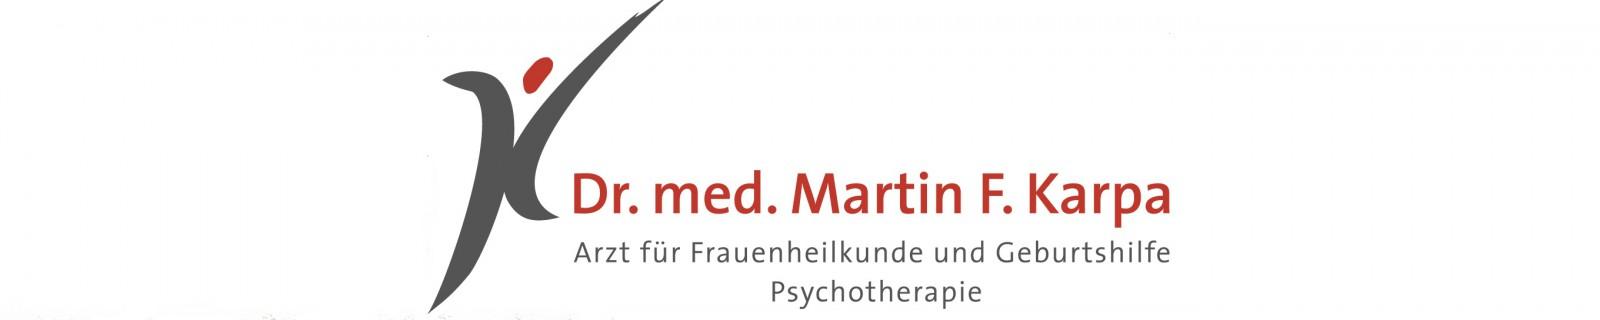 Dr. med. Martin F. Karpa